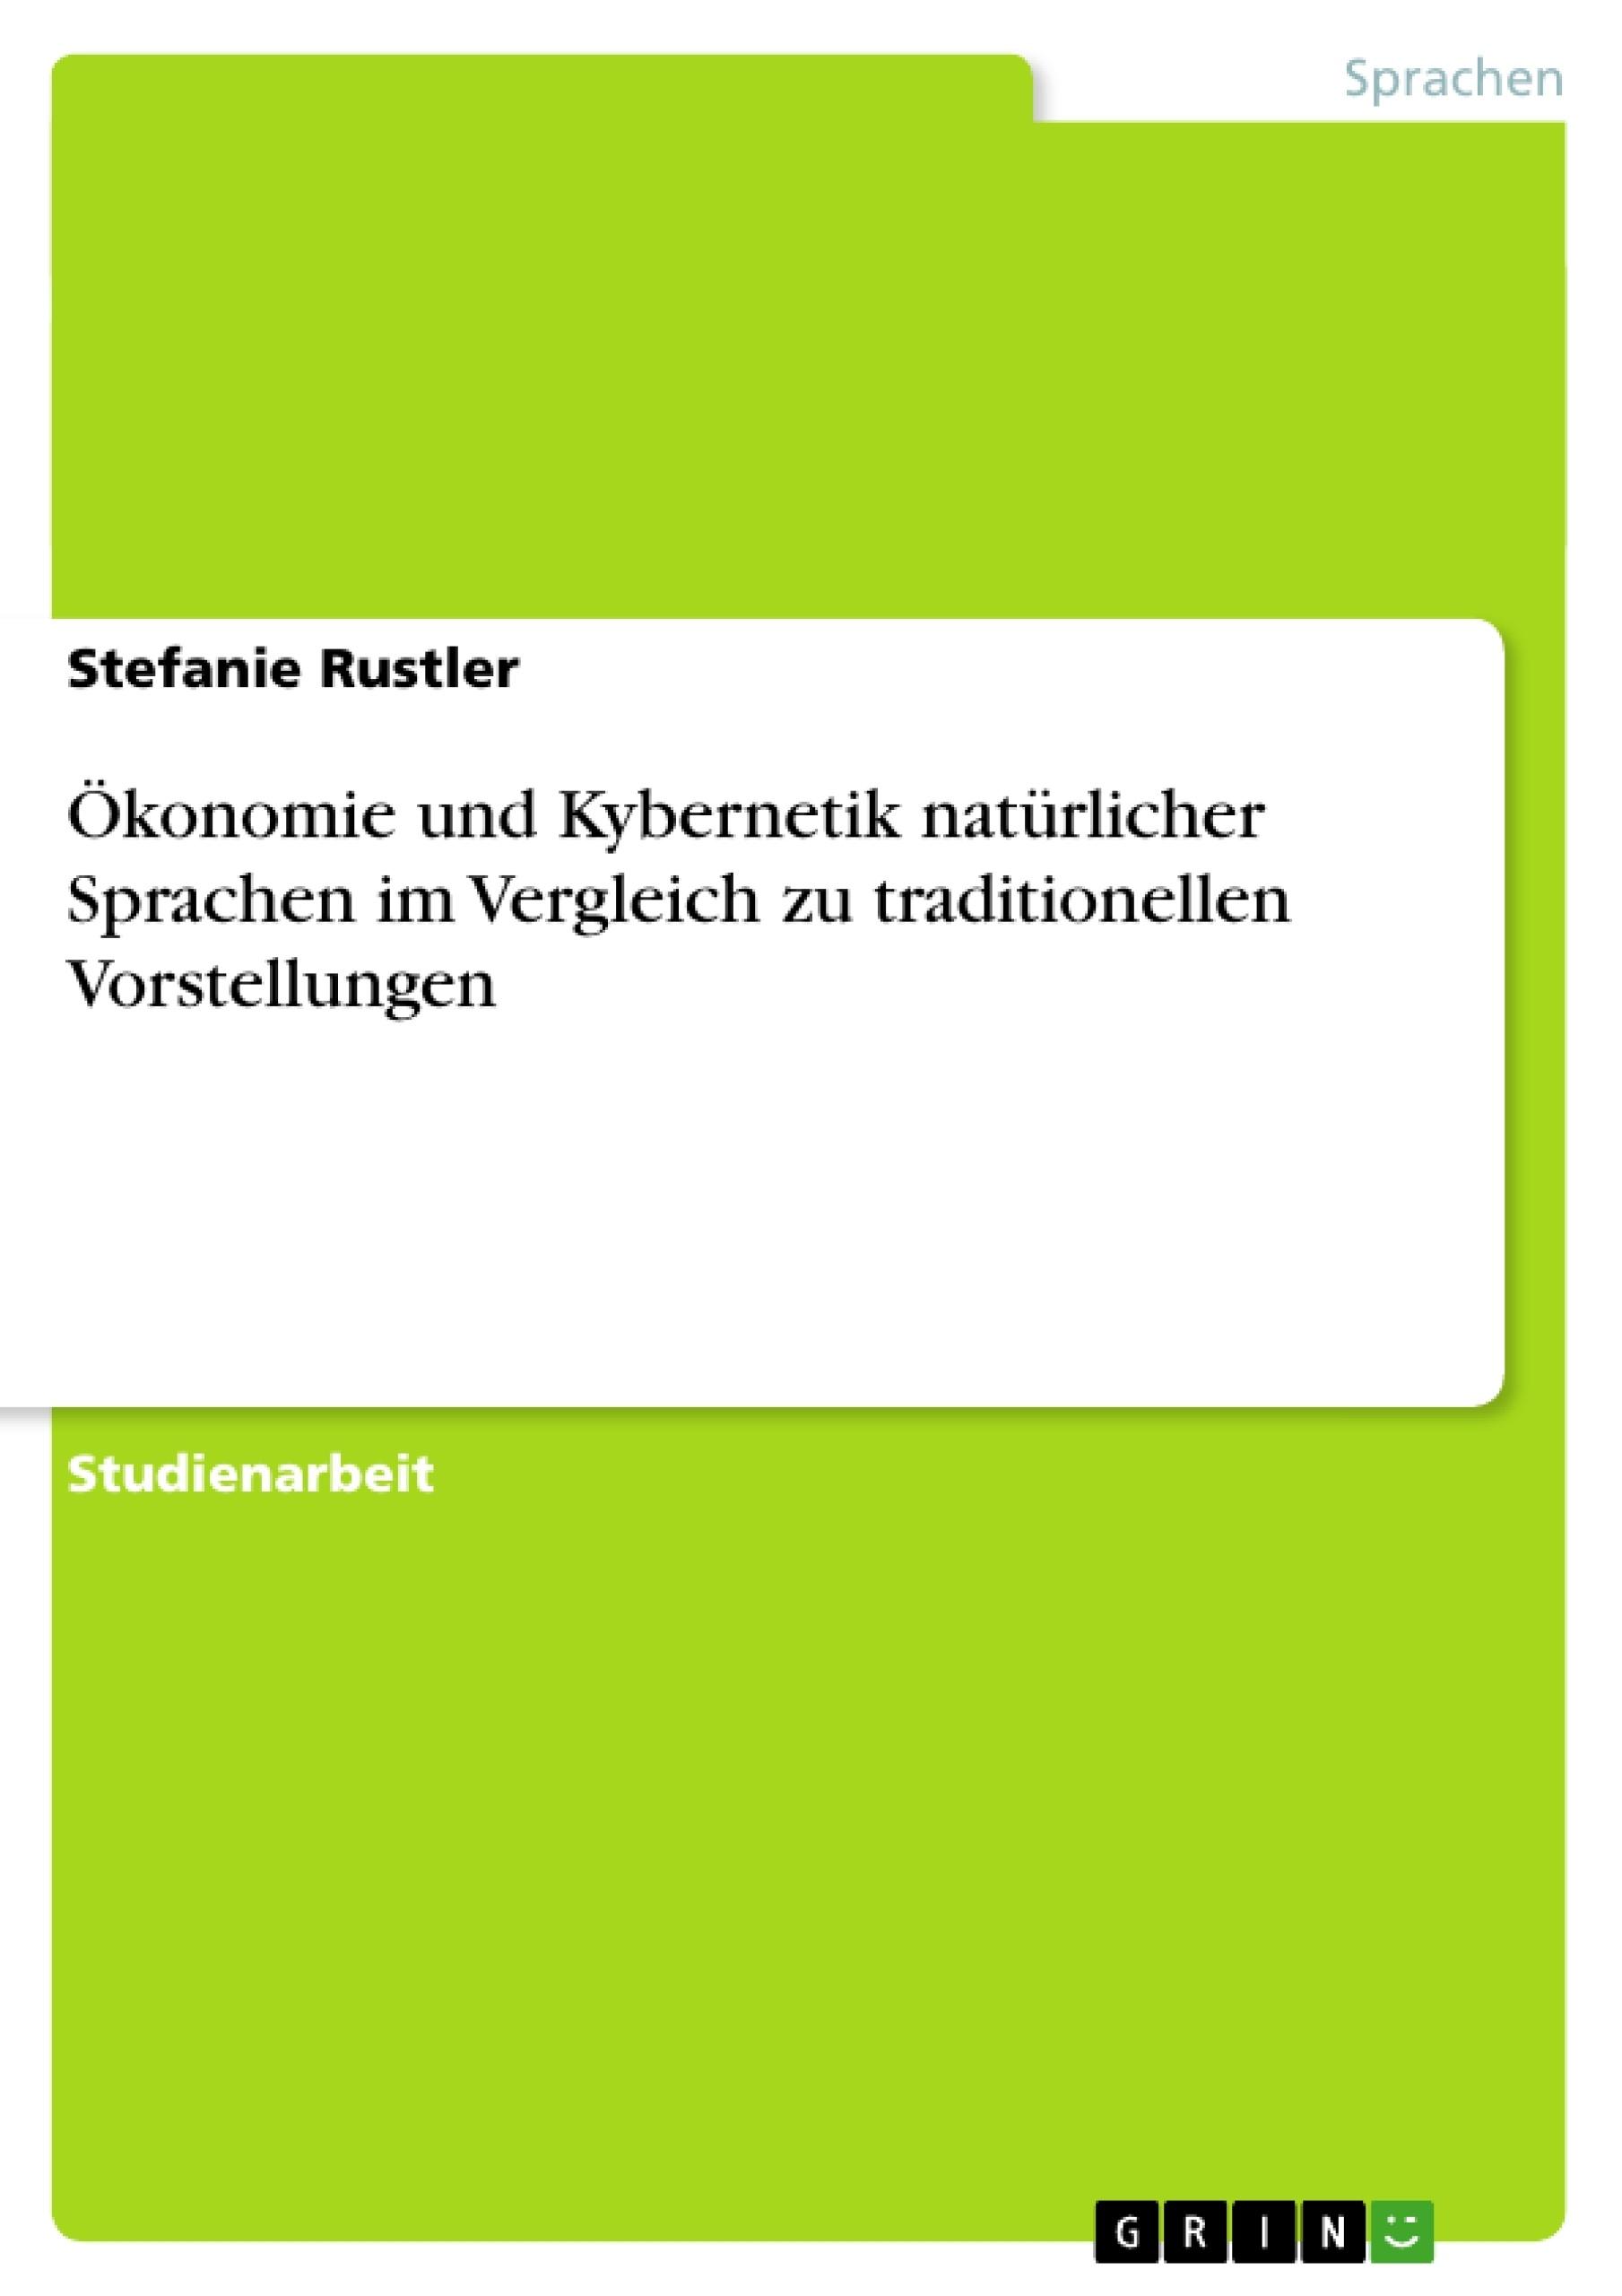 Titel: Ökonomie und Kybernetik natürlicher Sprachen im Vergleich zu traditionellen Vorstellungen